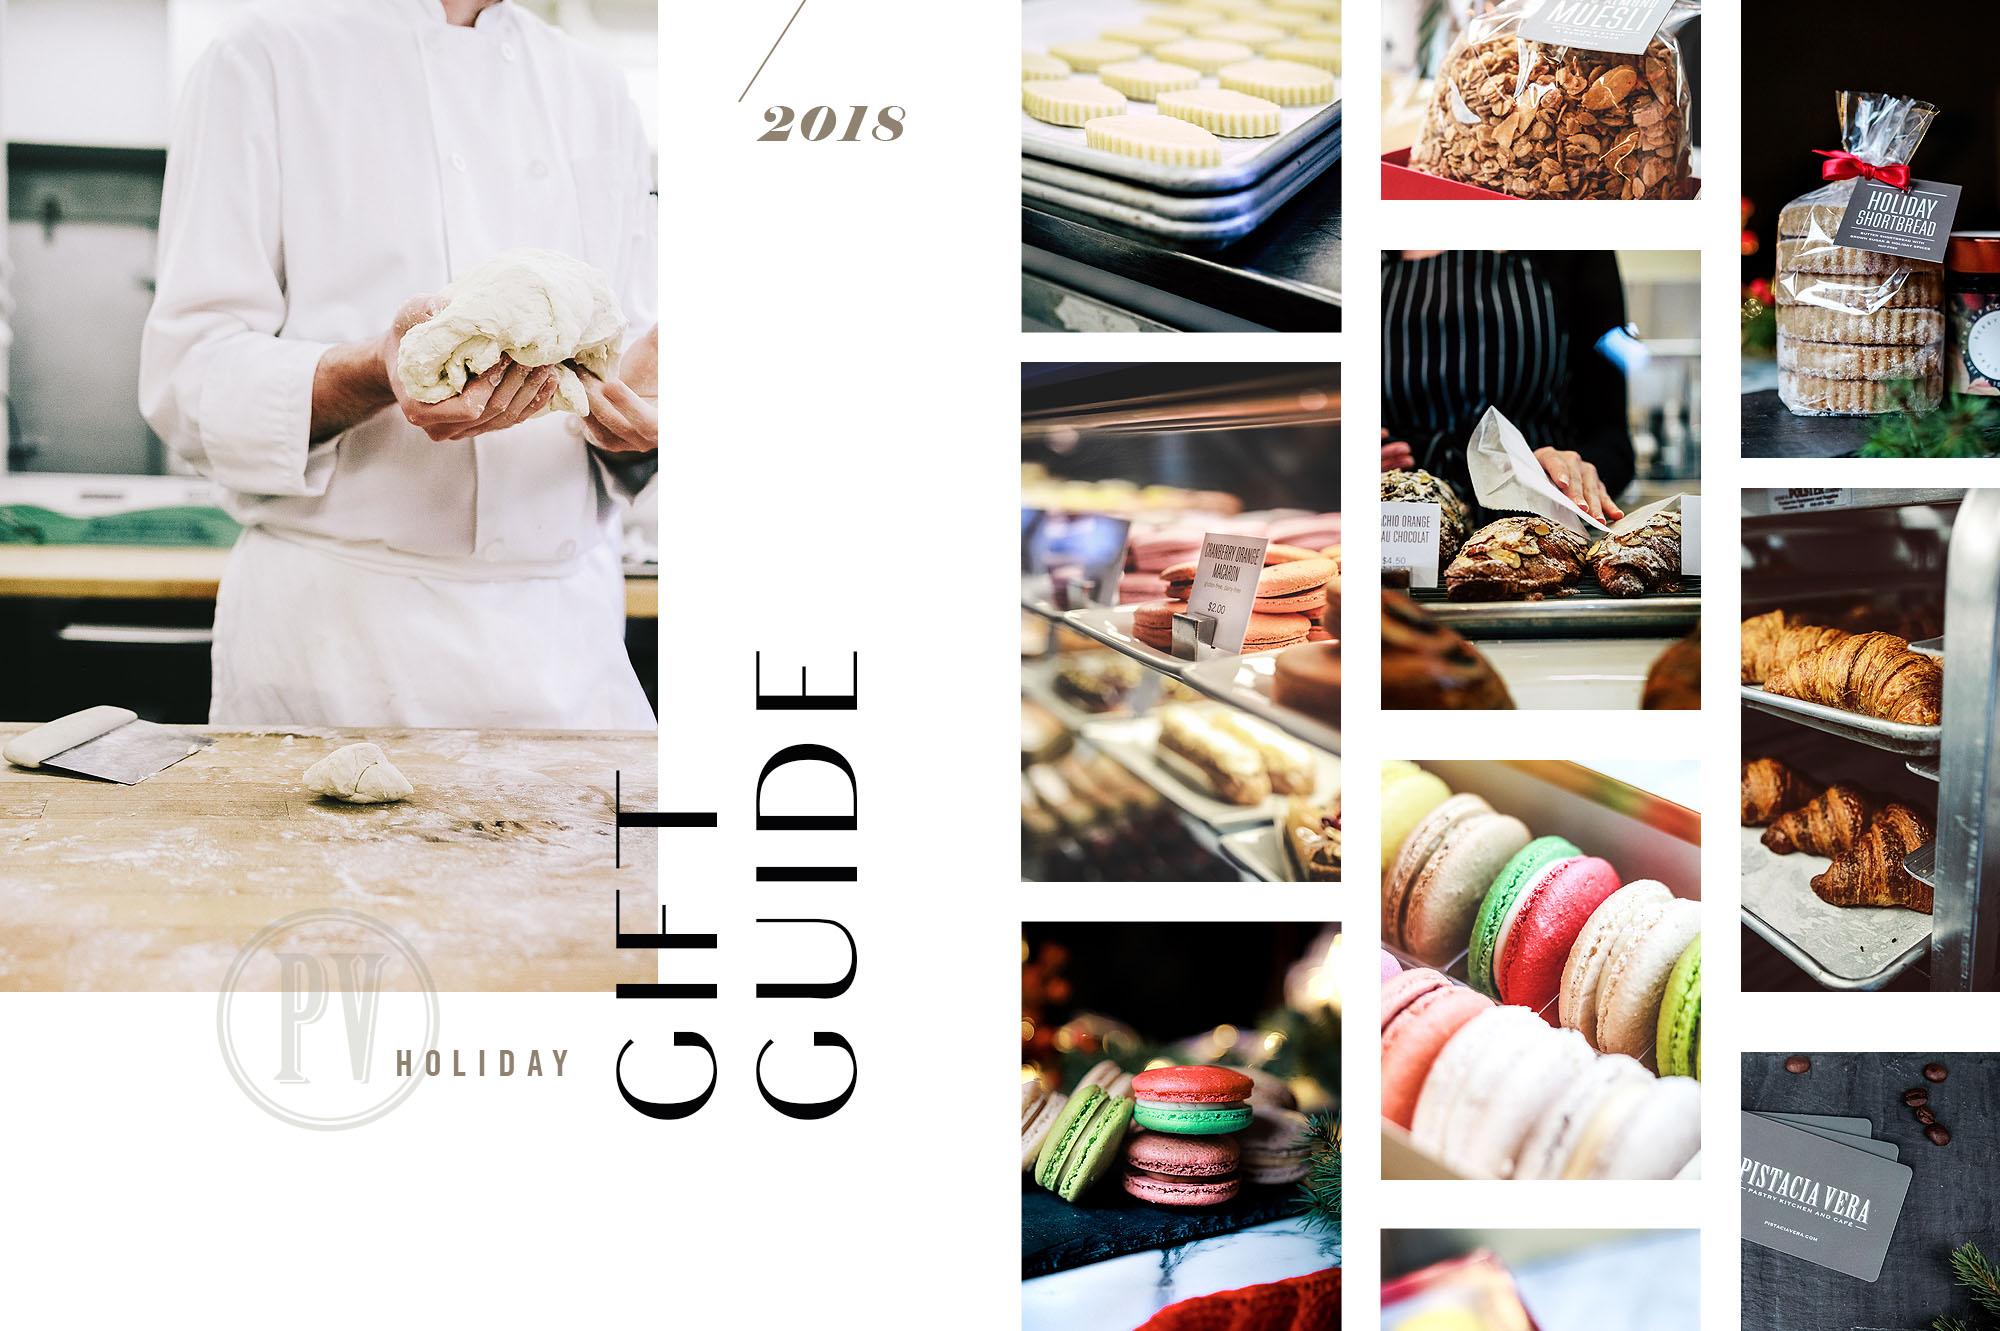 PV-HolidayGiftGuide-Banner.jpg